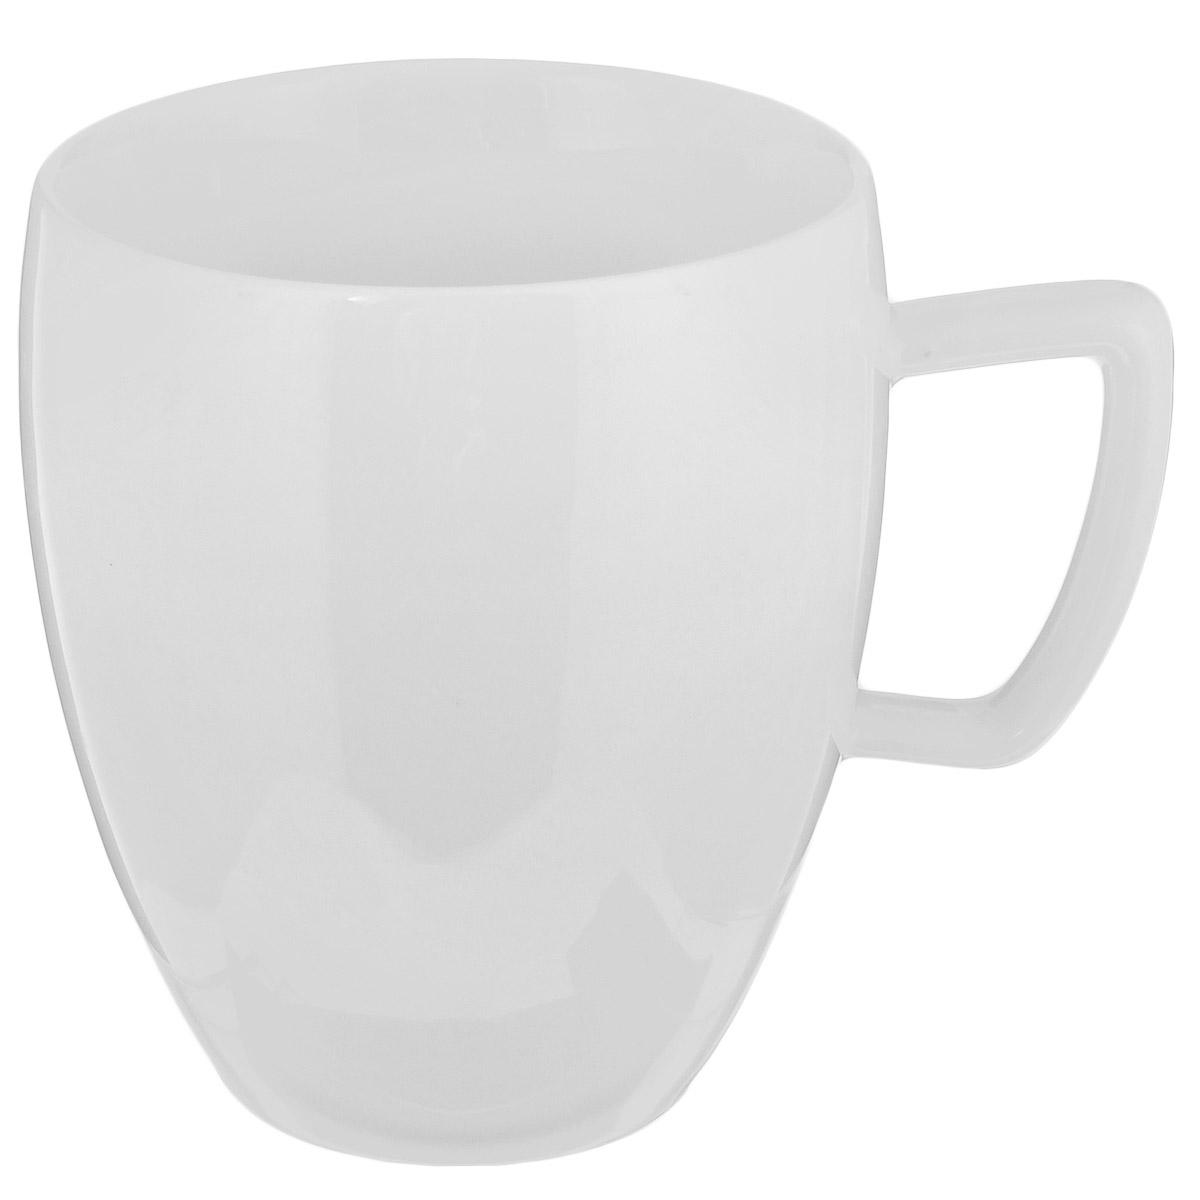 Кружка Tescoma Crema, 300 мл07с1335 ДЗЕлкиН крЧашка Tescoma Crema выполнена из высококачественного фарфора однотонного цвета и прекрасно подойдет для вашей кухни. Чашка изысканно украсит сервировку как обеденного, так и праздничного стола. Предназначена подачи кофе и чая. Пригодна для использования в микроволновой печи. Можно мыть в посудомоечной машине.Диаметр по верхнему краю: 8 см.Высота: 9 см.Объем: 300 мл.